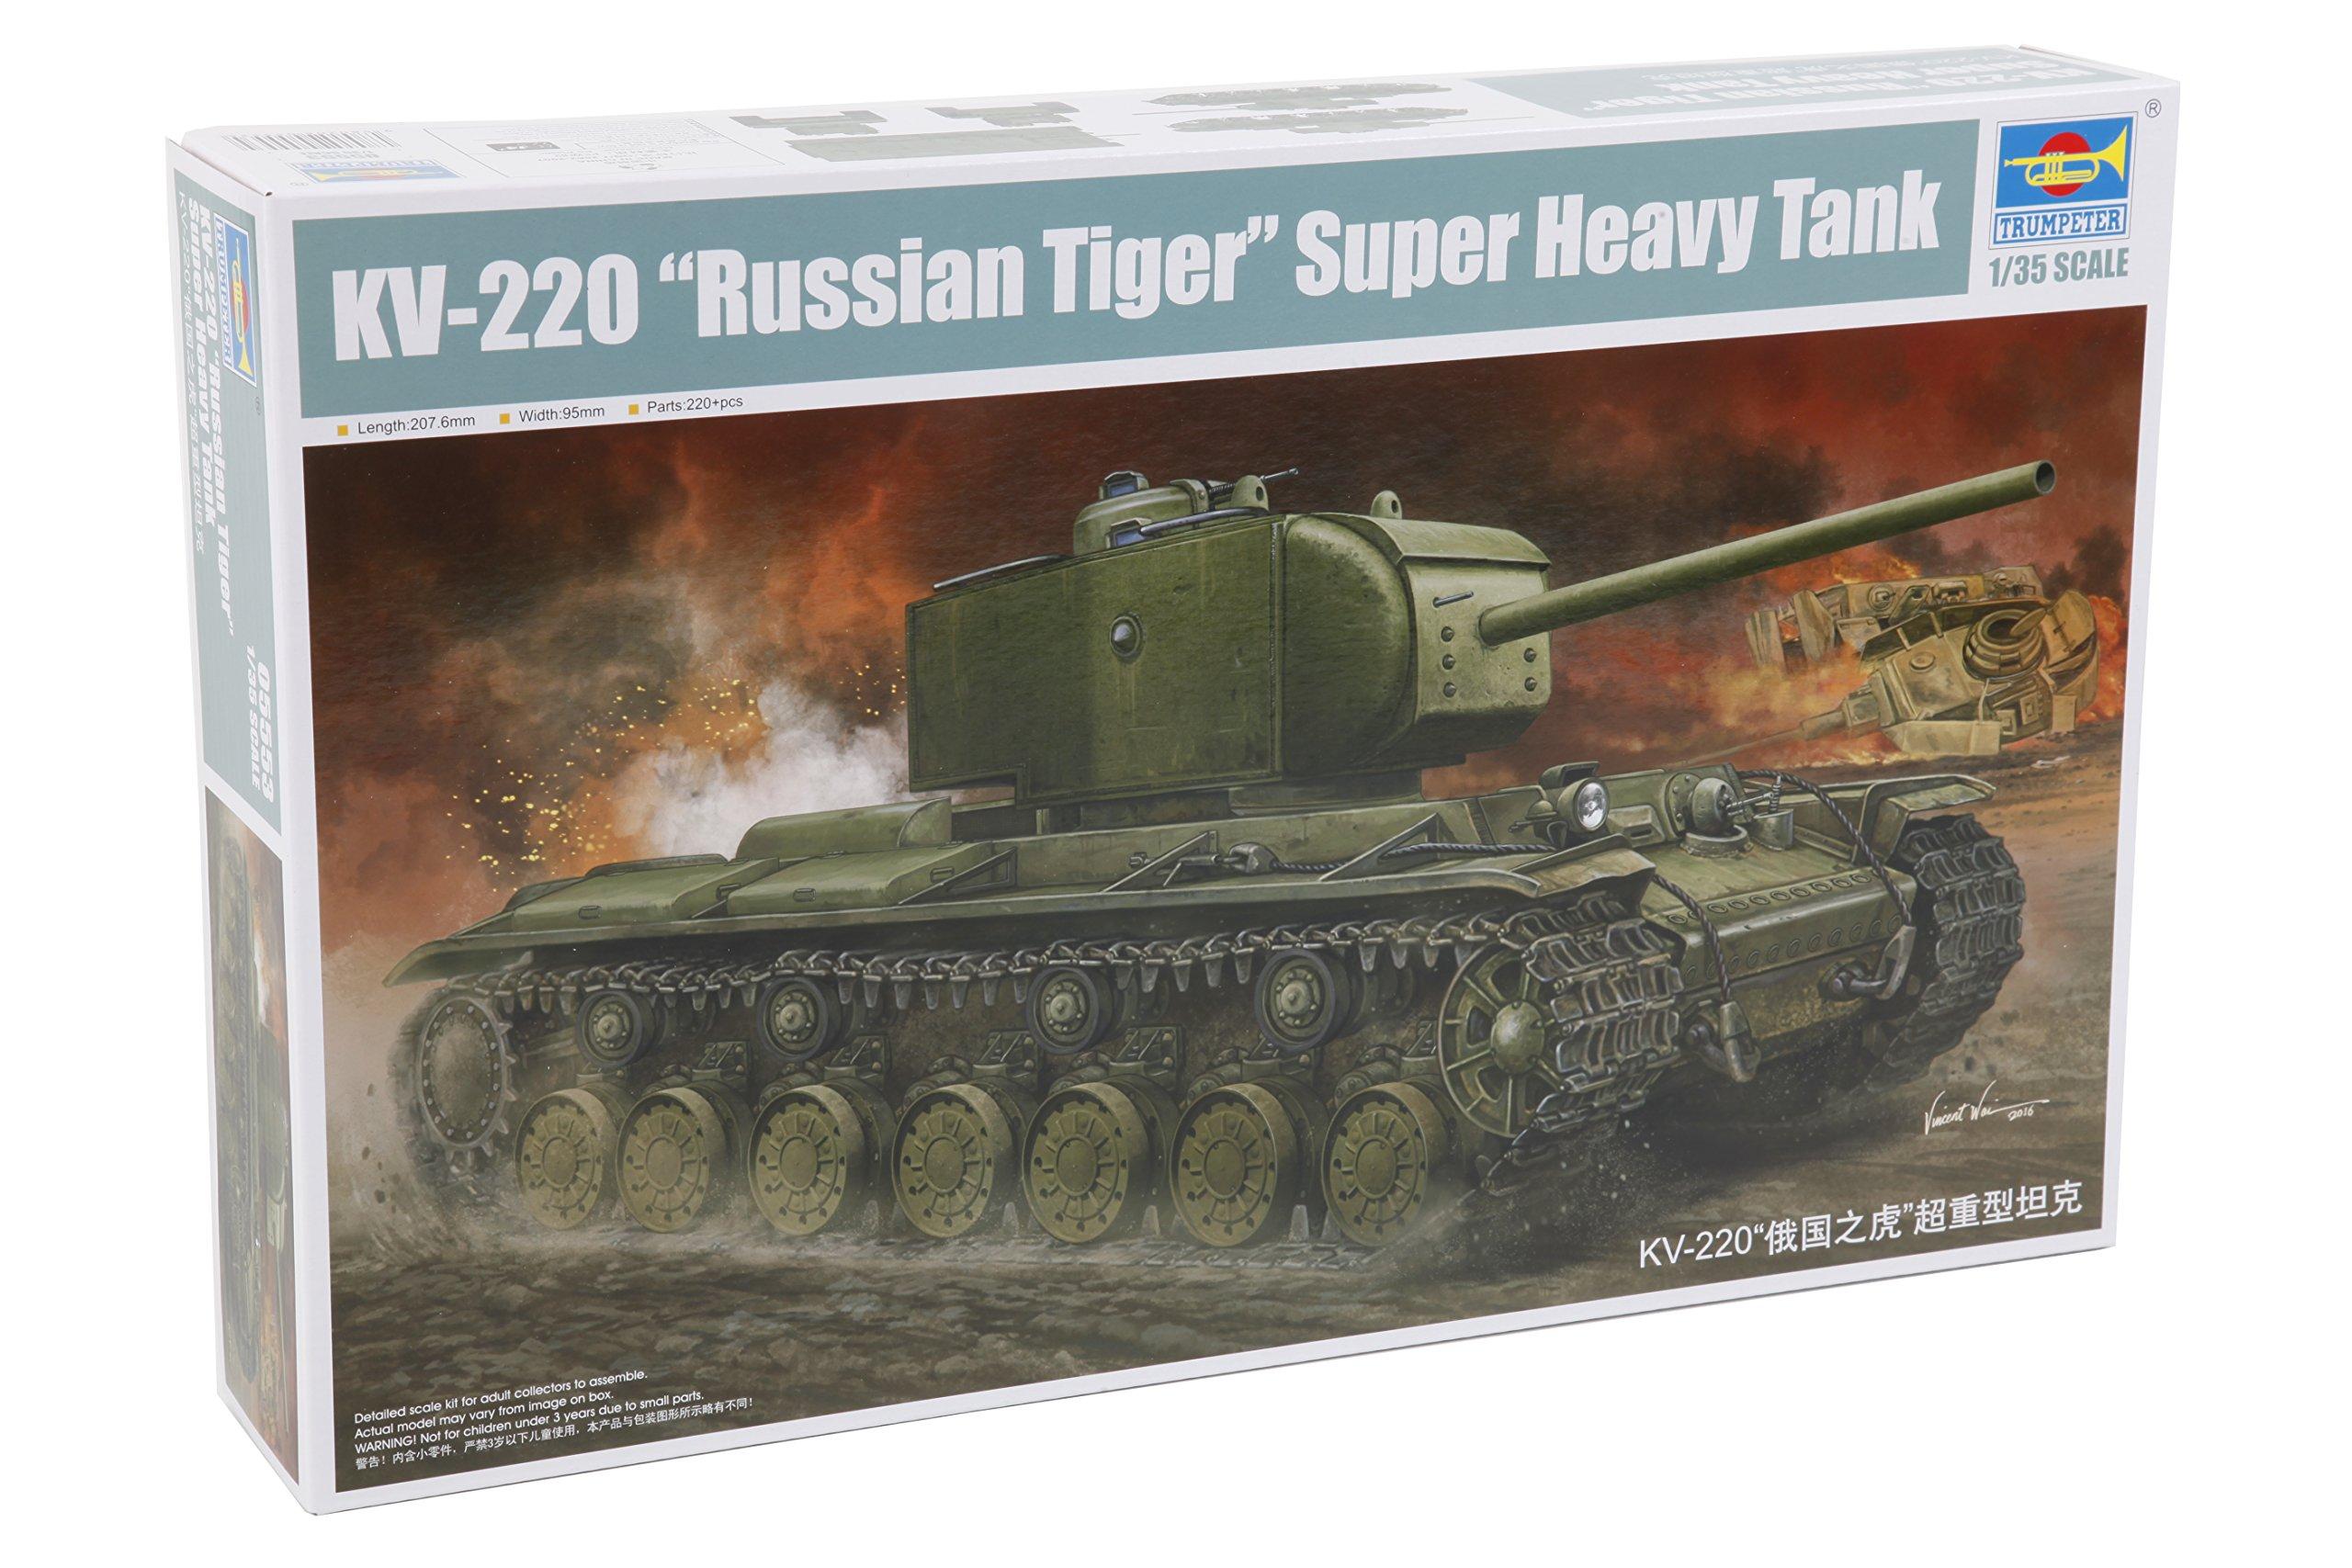 Trumpeter Kv-220 -Russian Tiger- Super Heavy Tank 1/35 Armor Model Kit